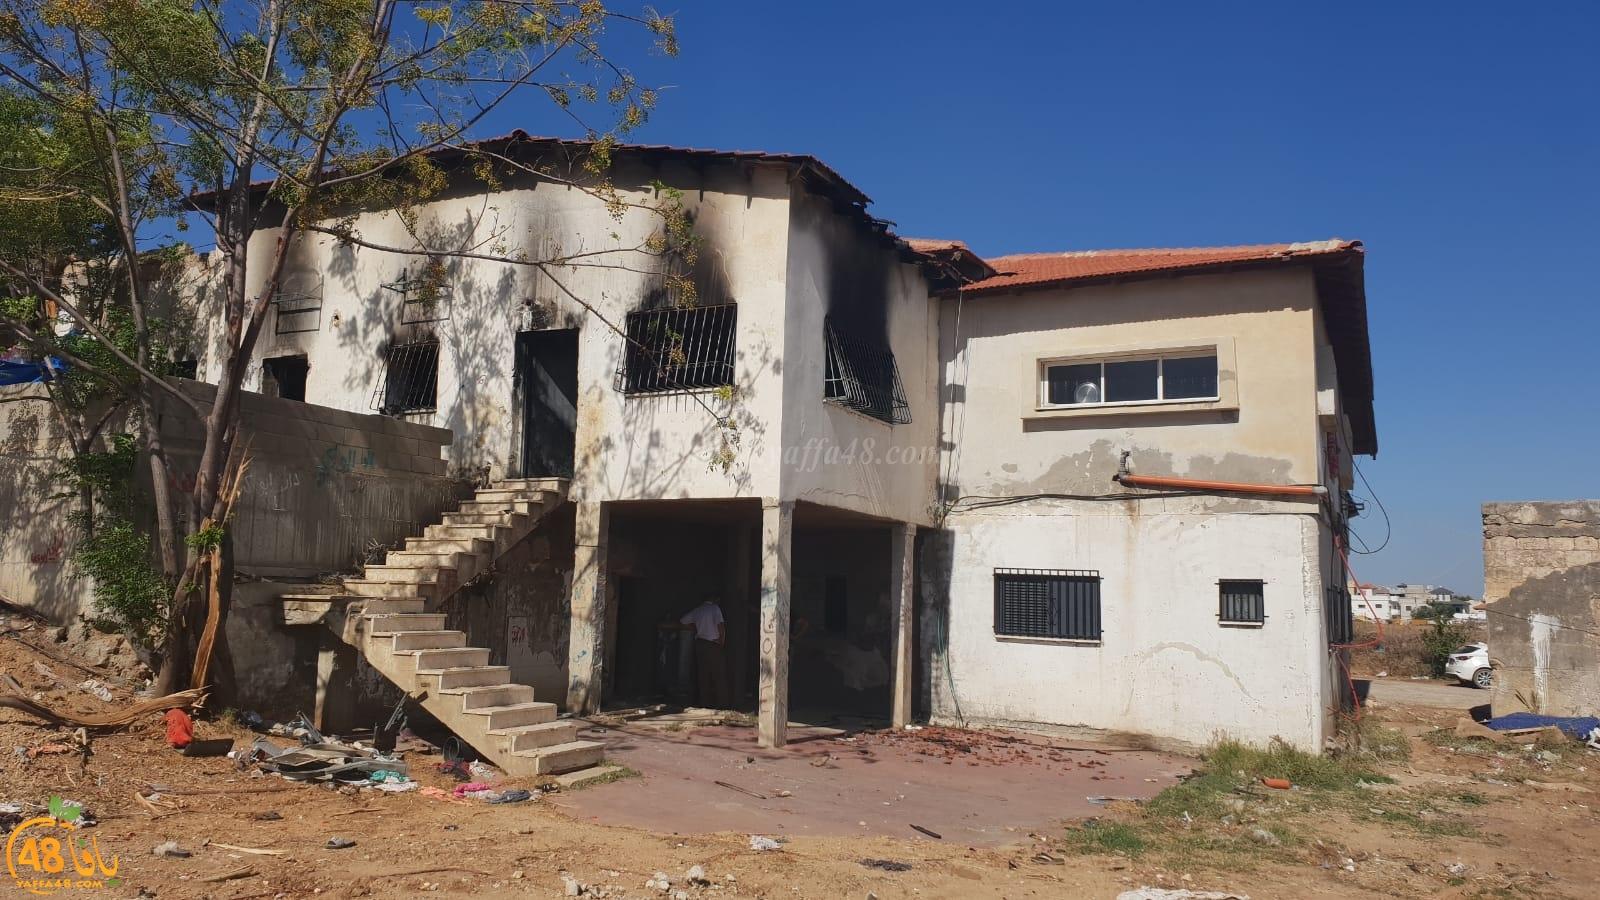 اللد: مناشدة لمساعدة عائلة بحي شنير بعد احتراق منزلهم